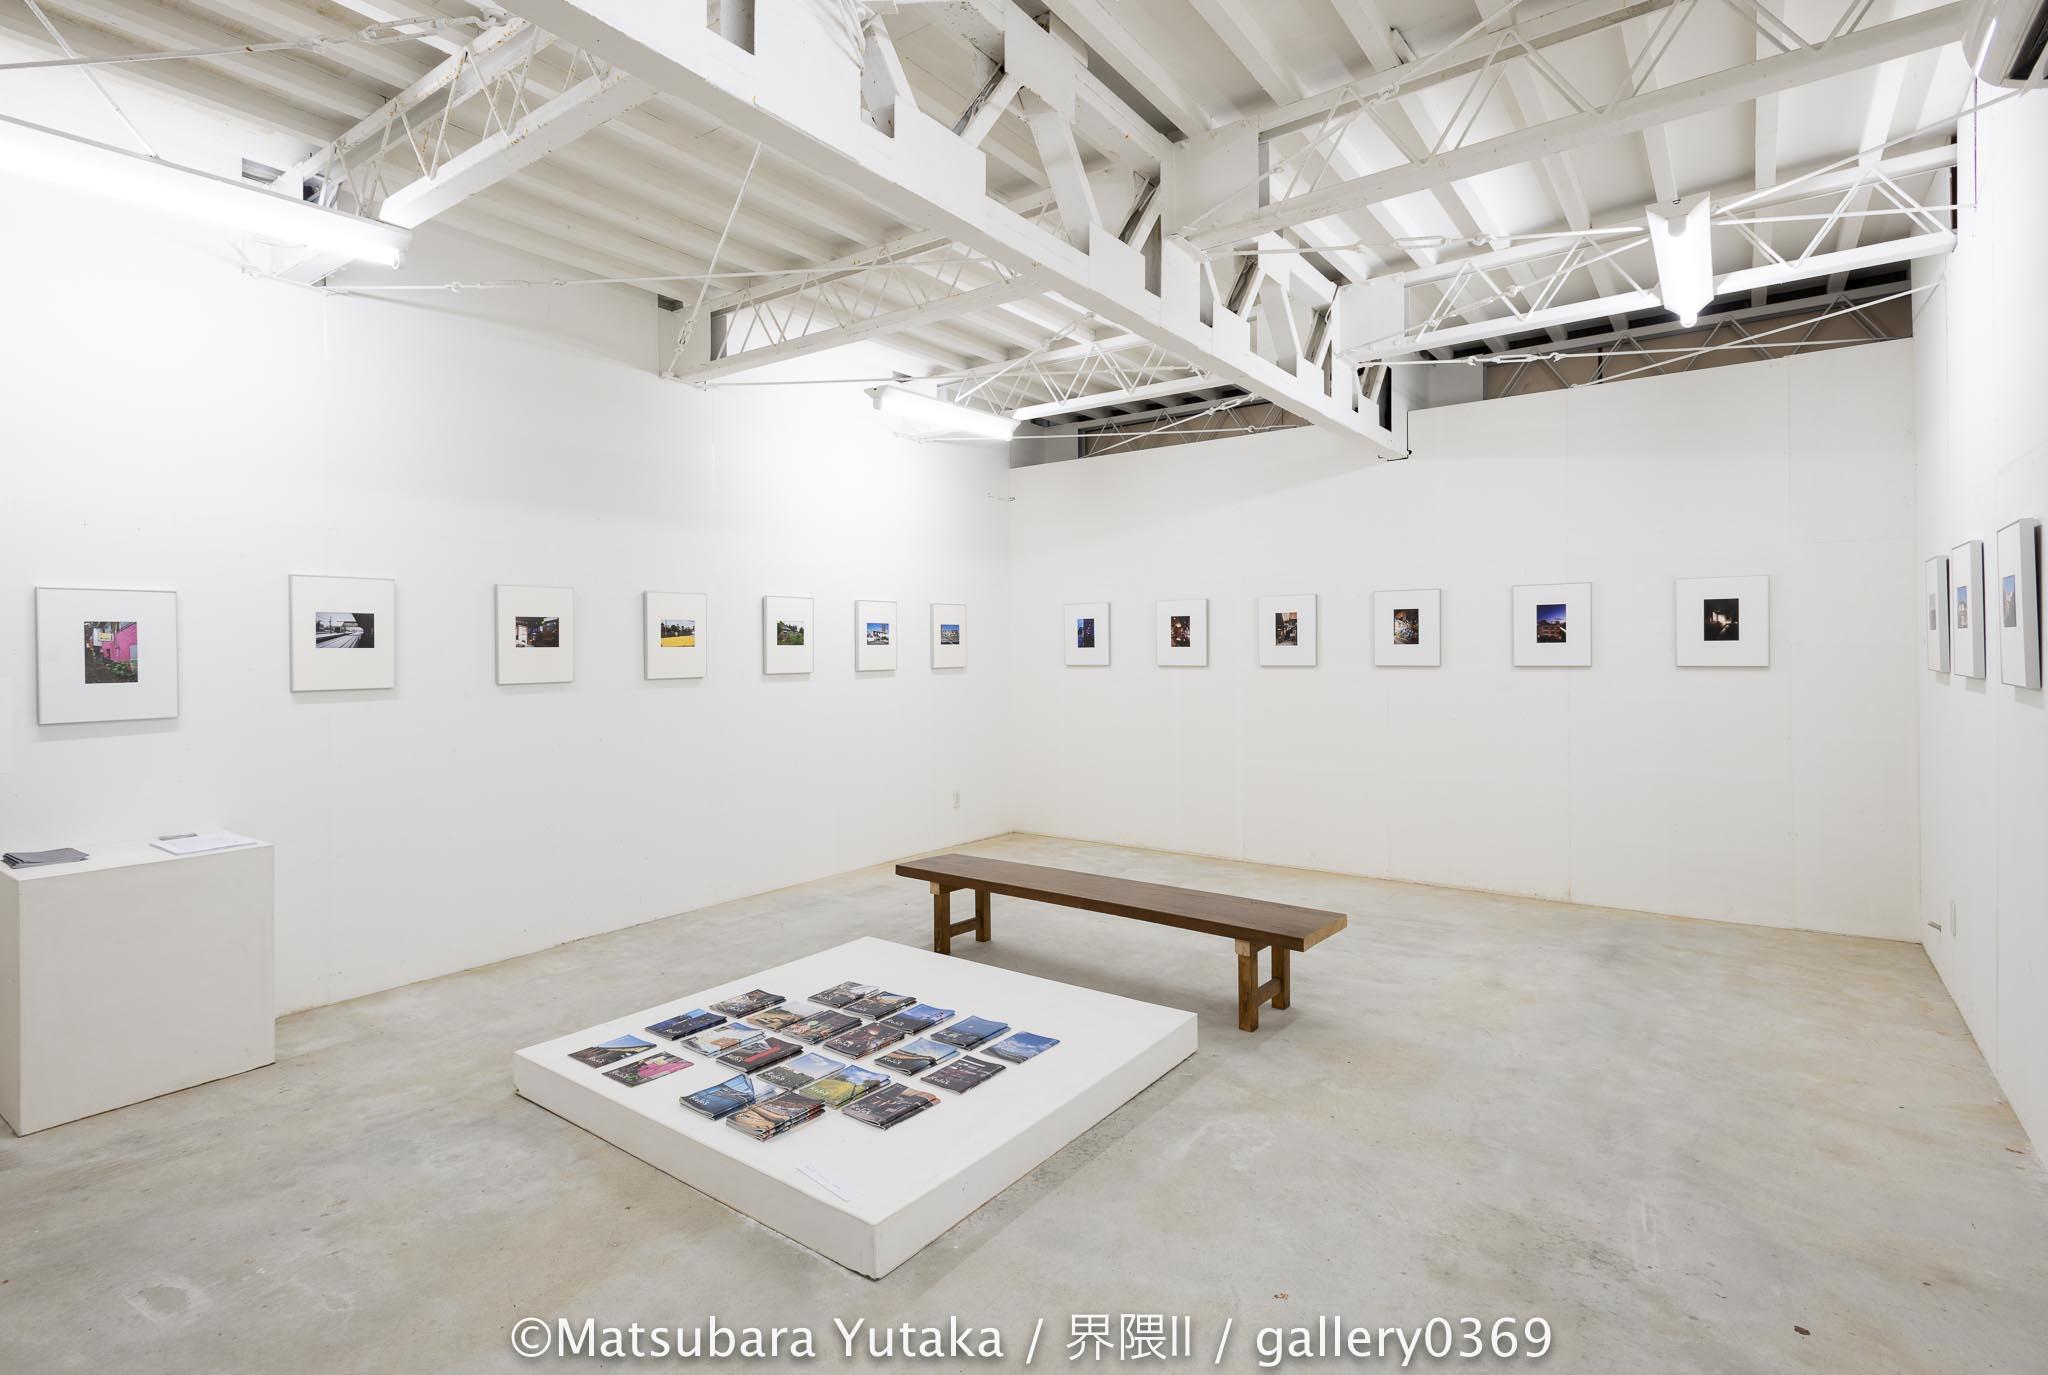 2021年松原豊写真展「界隈II」gallery0369展示風景